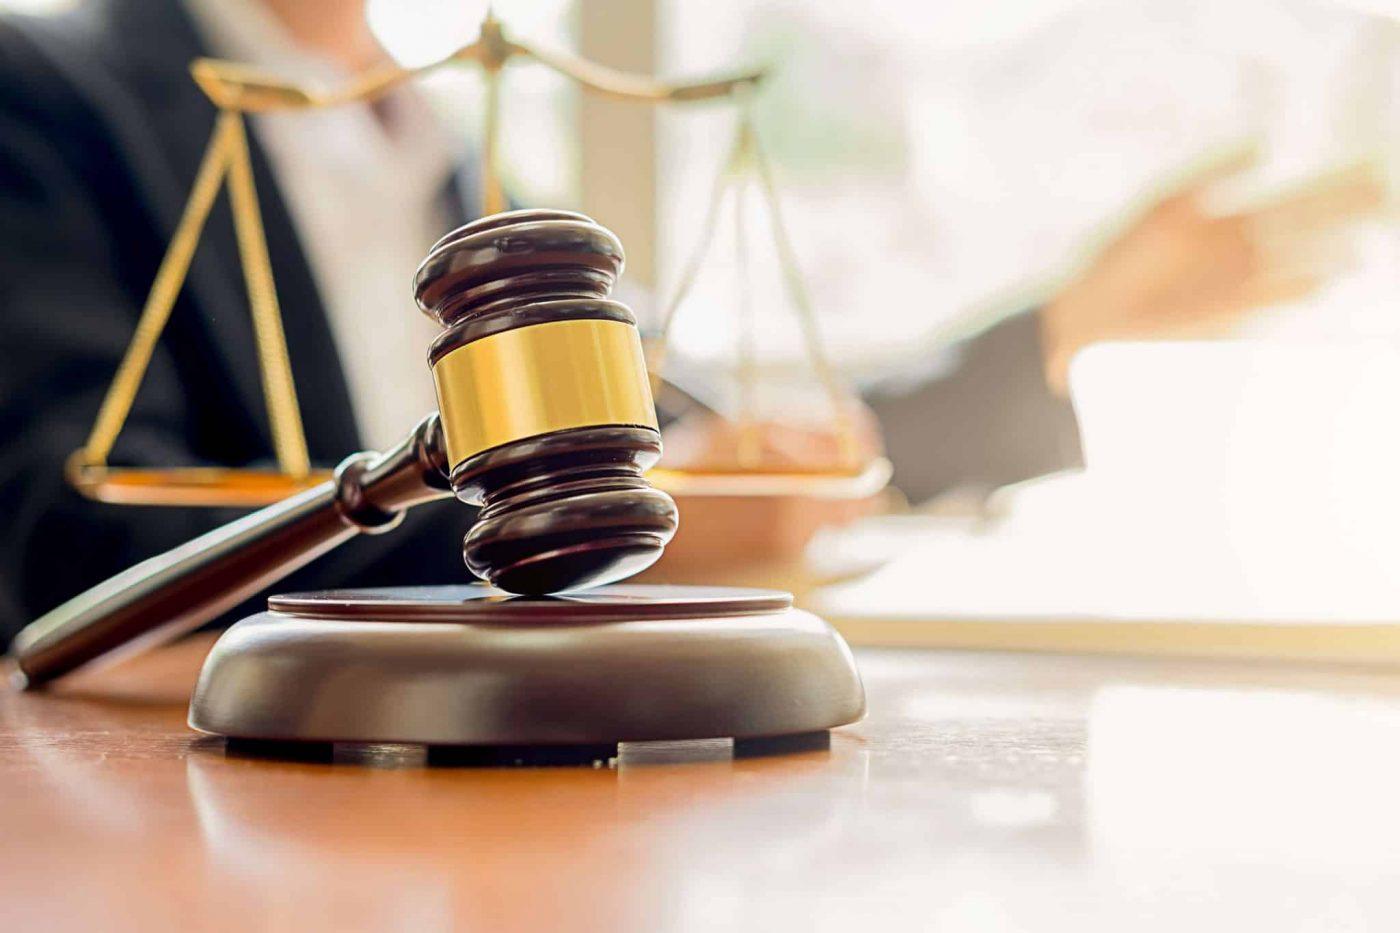 מה החוק אומר לגבי הבאת סוכן ביטוח פרטי לעבודה?